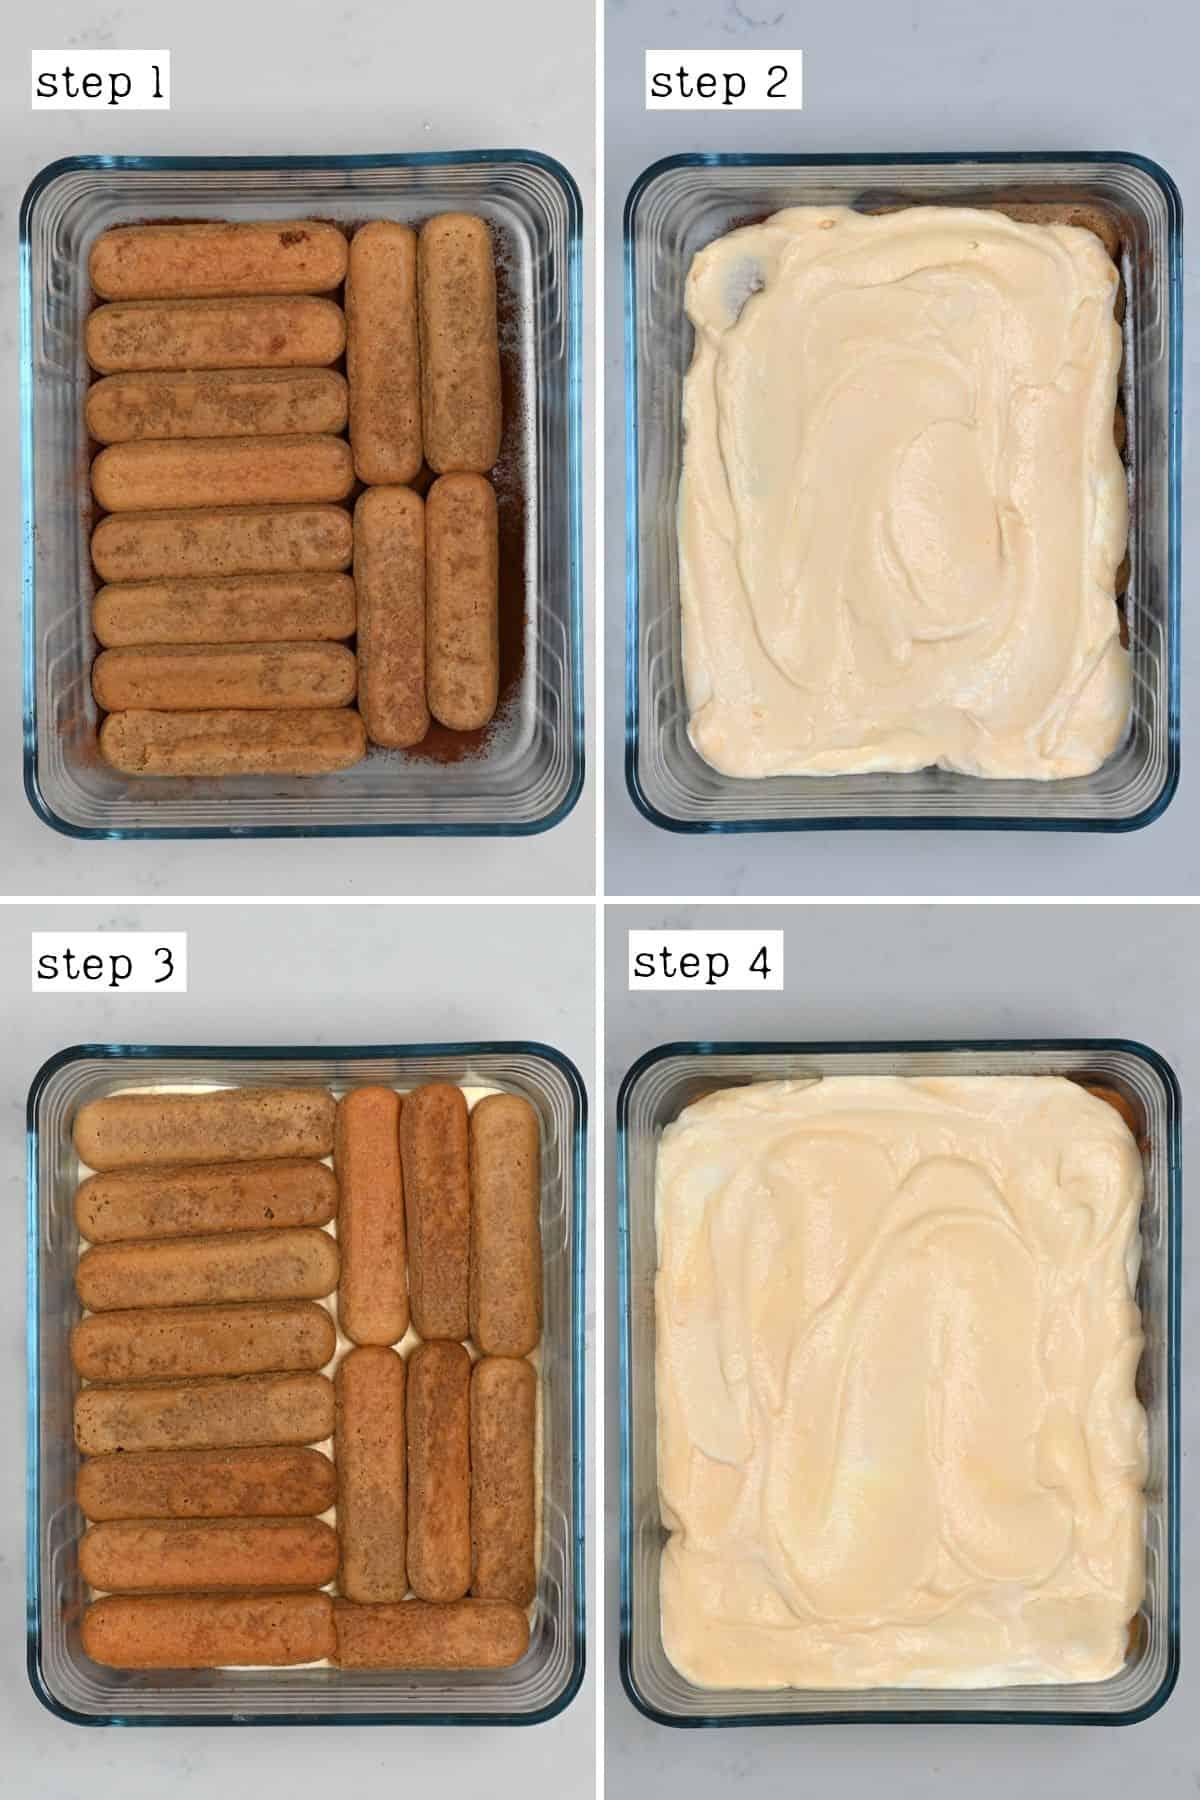 Steps for layering authentic Tiramisu recipe